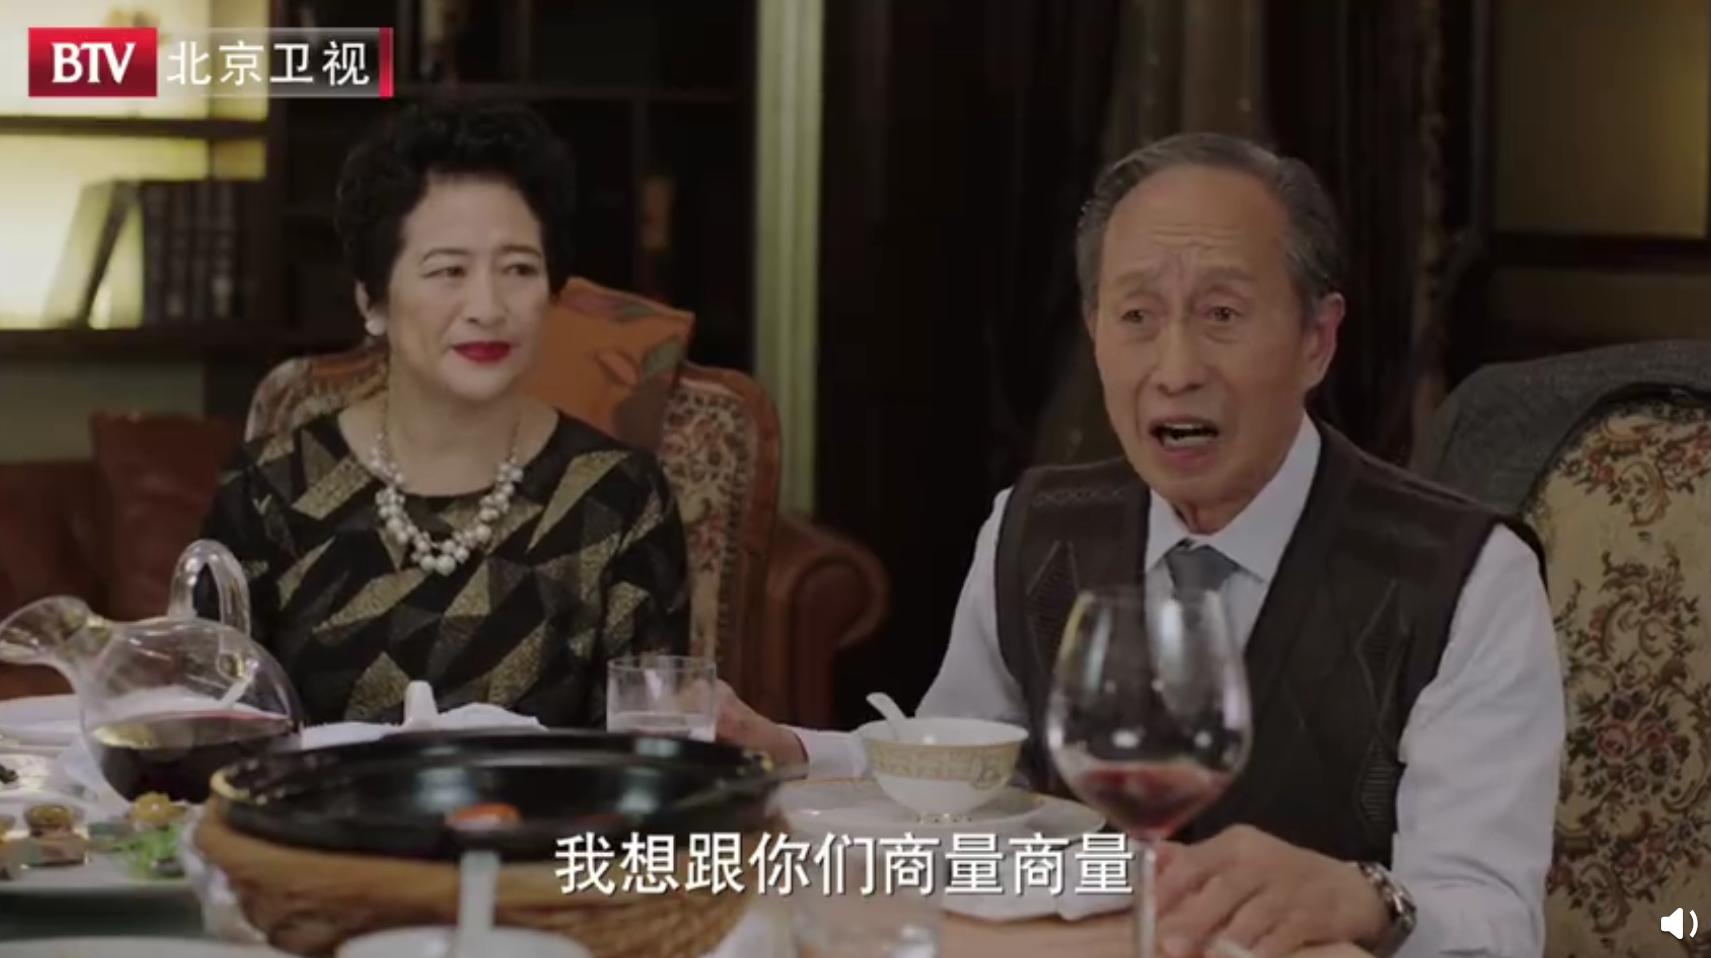 《我的前半生》截图,许娣扮演薛甄珠、徐才根扮演崔宝剑